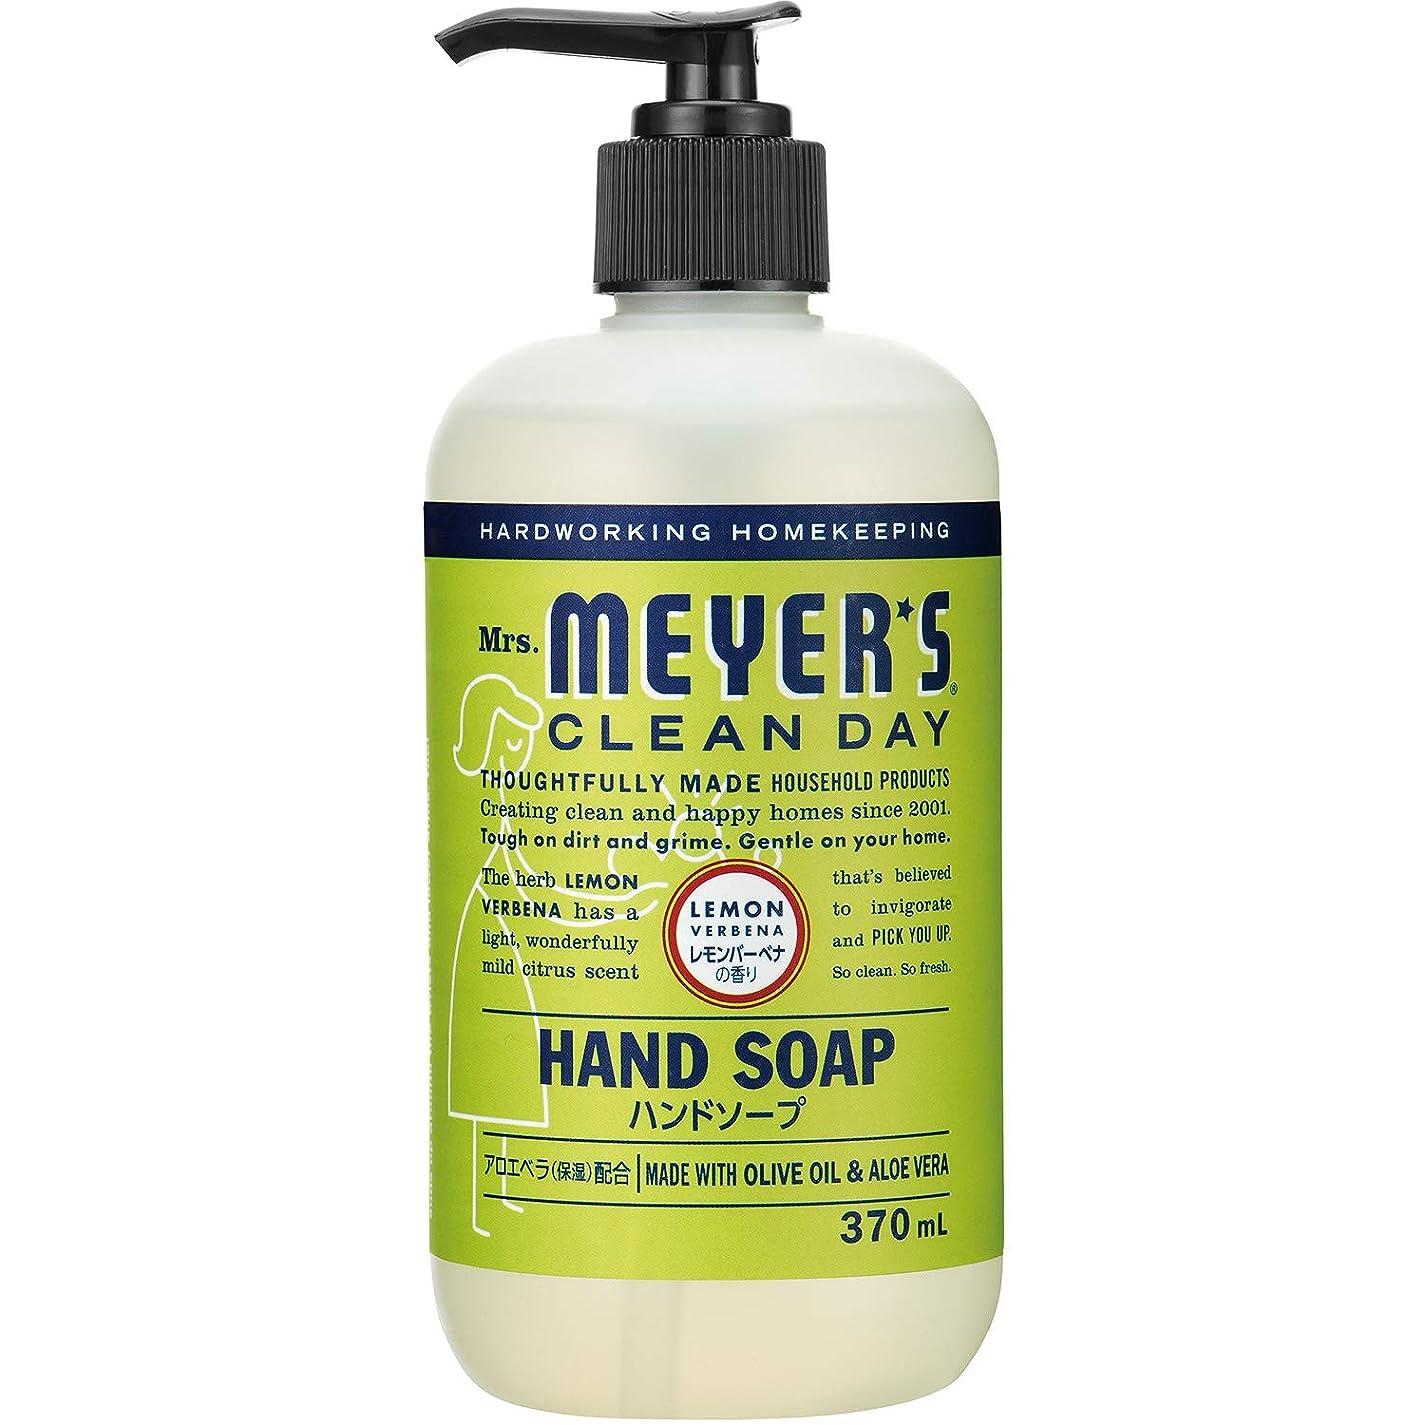 不定帳面人事Mrs. MEYER'S CLEAN DAY(ミセスマイヤーズ クリーンデイ) ミセスマイヤーズ クリーンデイ(Mrs.Meyers Clean Day) ハンドソープ レモンバーベナの香り 370ml